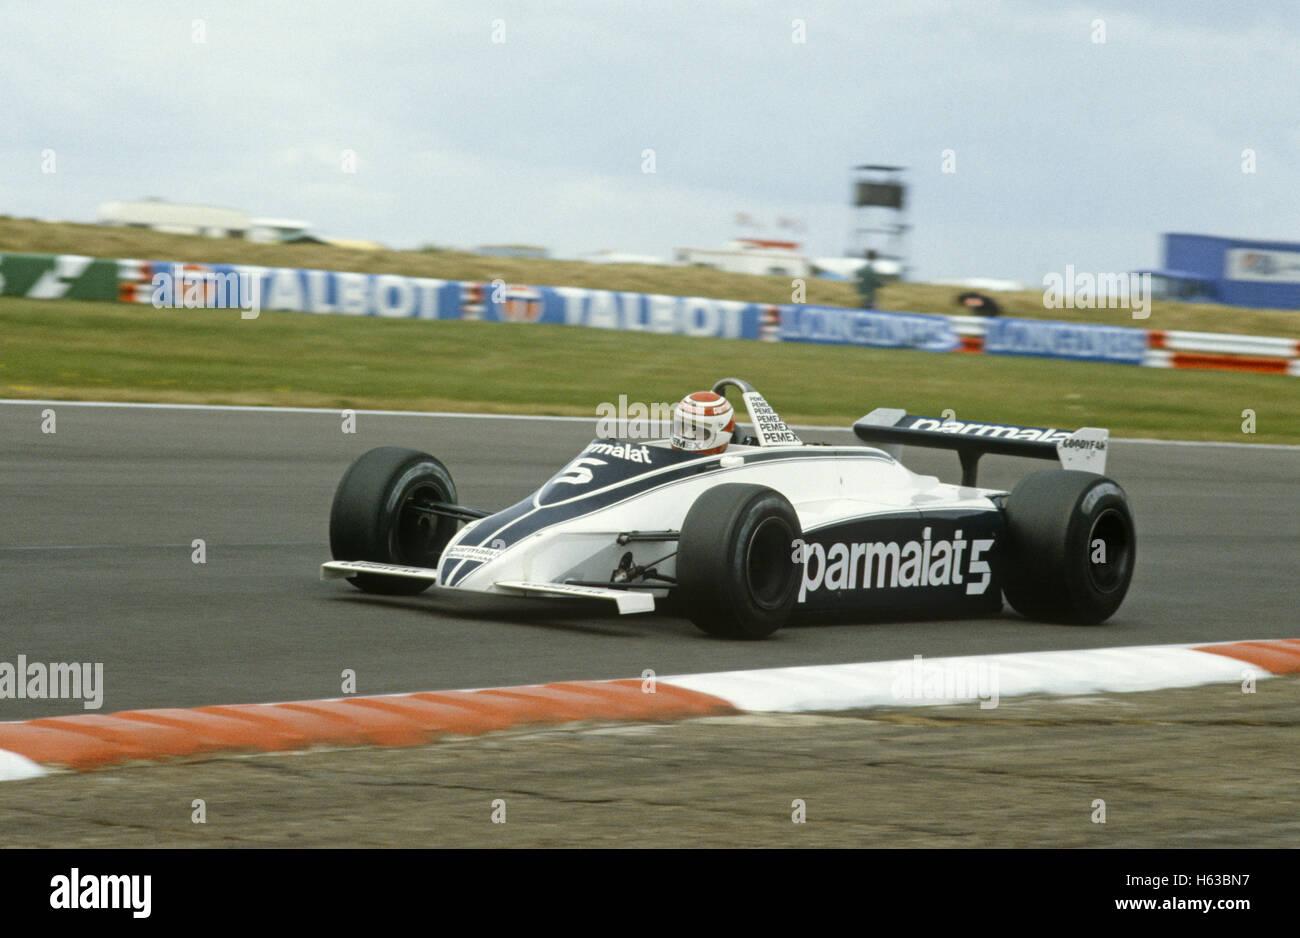 5 Nelson Piquet en un Brabham Cosworth terminó segundo en el GP de Gran Bretaña el 13 de julio de 1980 Imagen De Stock